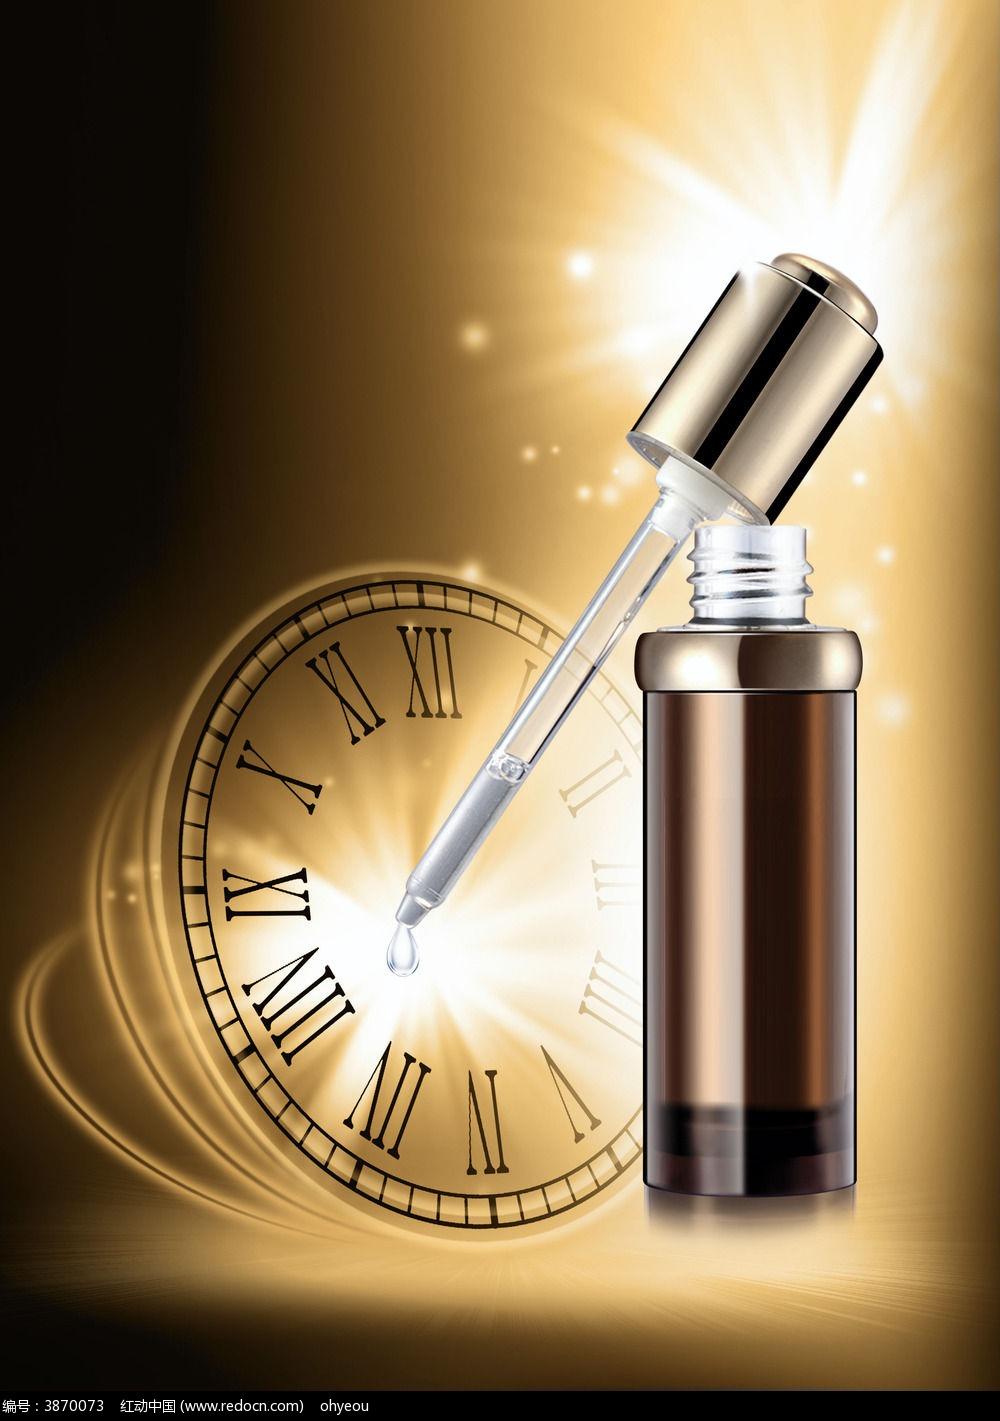 标签:护肤品创意海报 化妆品创意广告图片